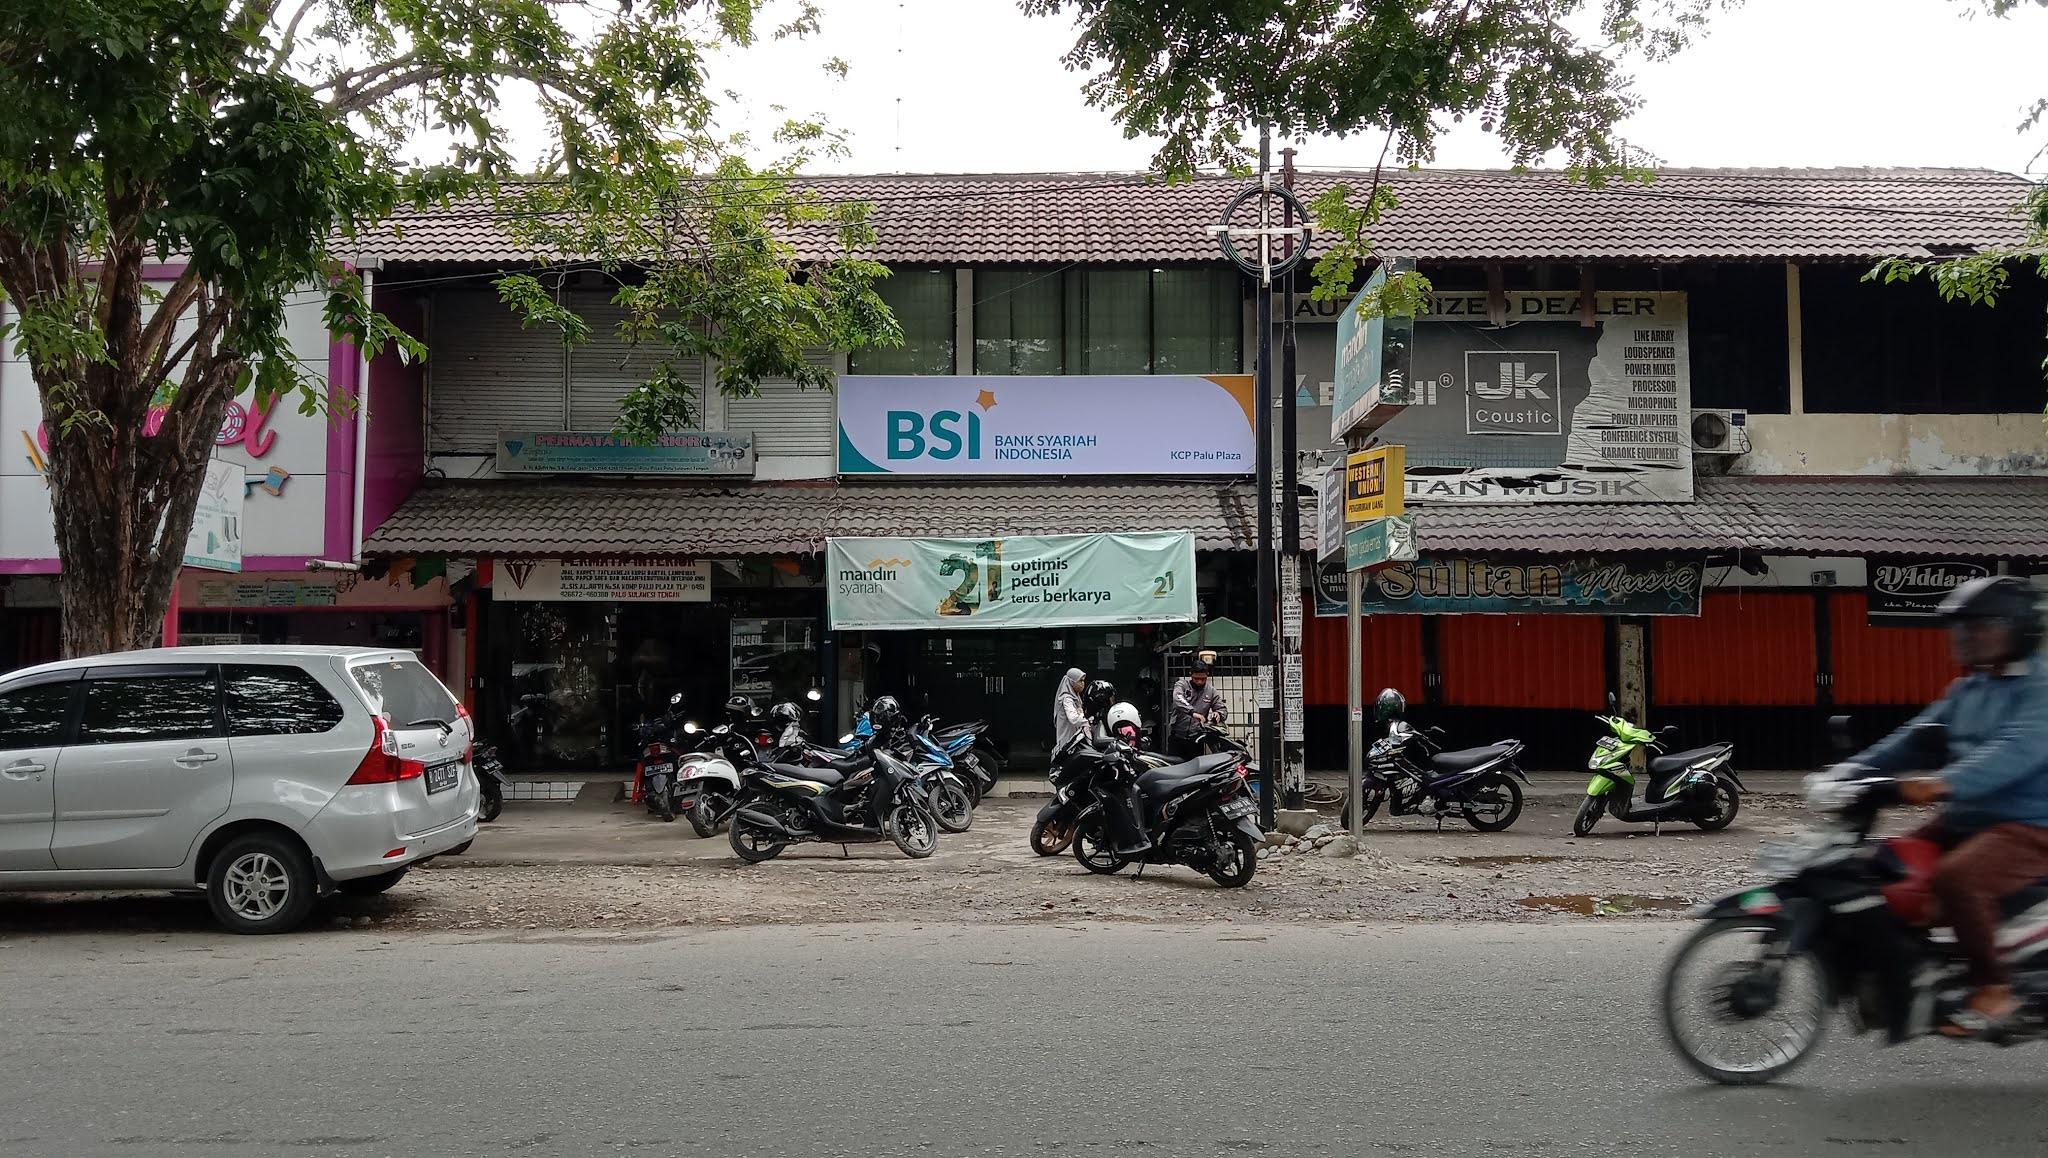 Daftar Bank Syariah di Indonesia